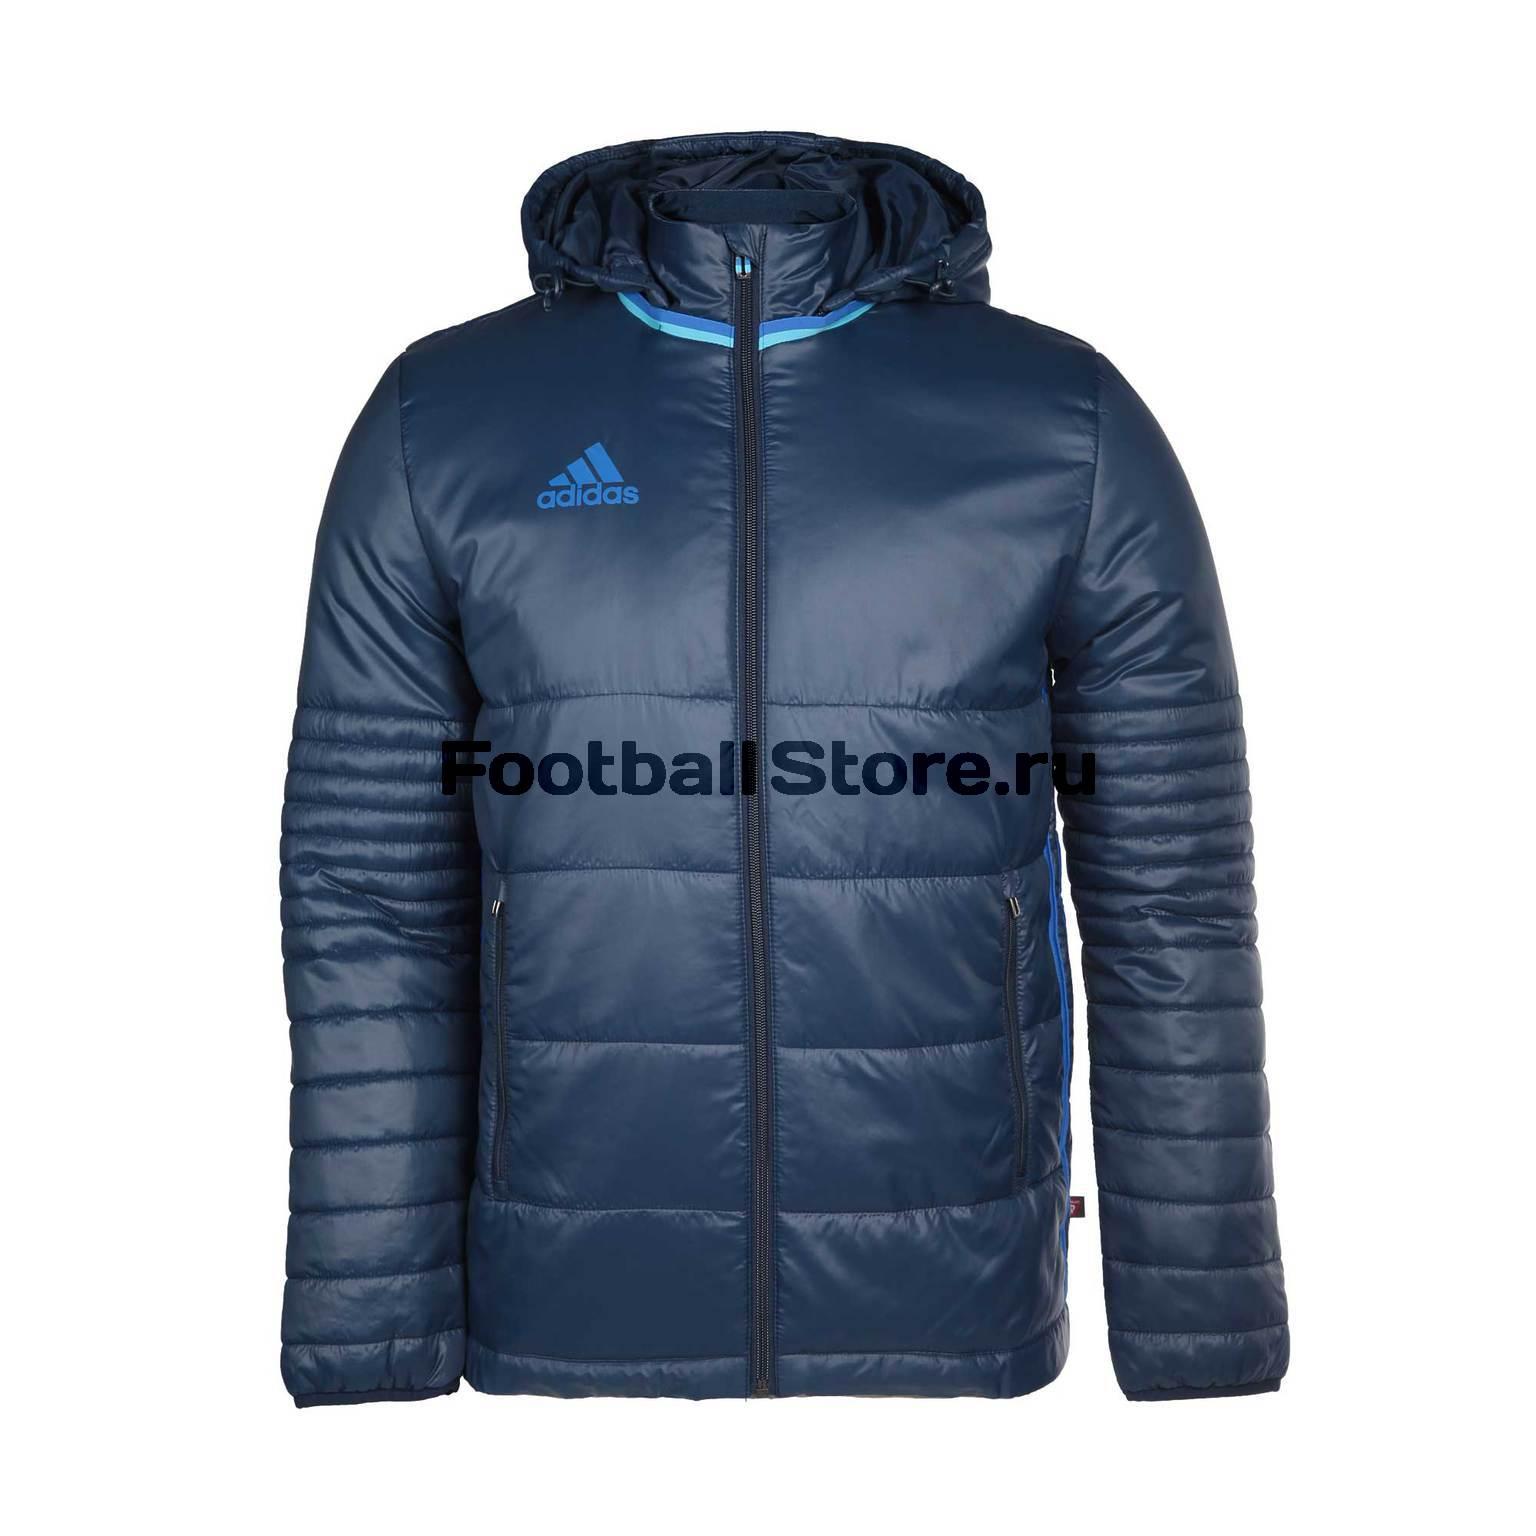 Куртка утепленная Adidas Con16 PAD JKT AB3145 куртки пуховики adidas куртка утепленная adidas jkt18 std parka bq6594